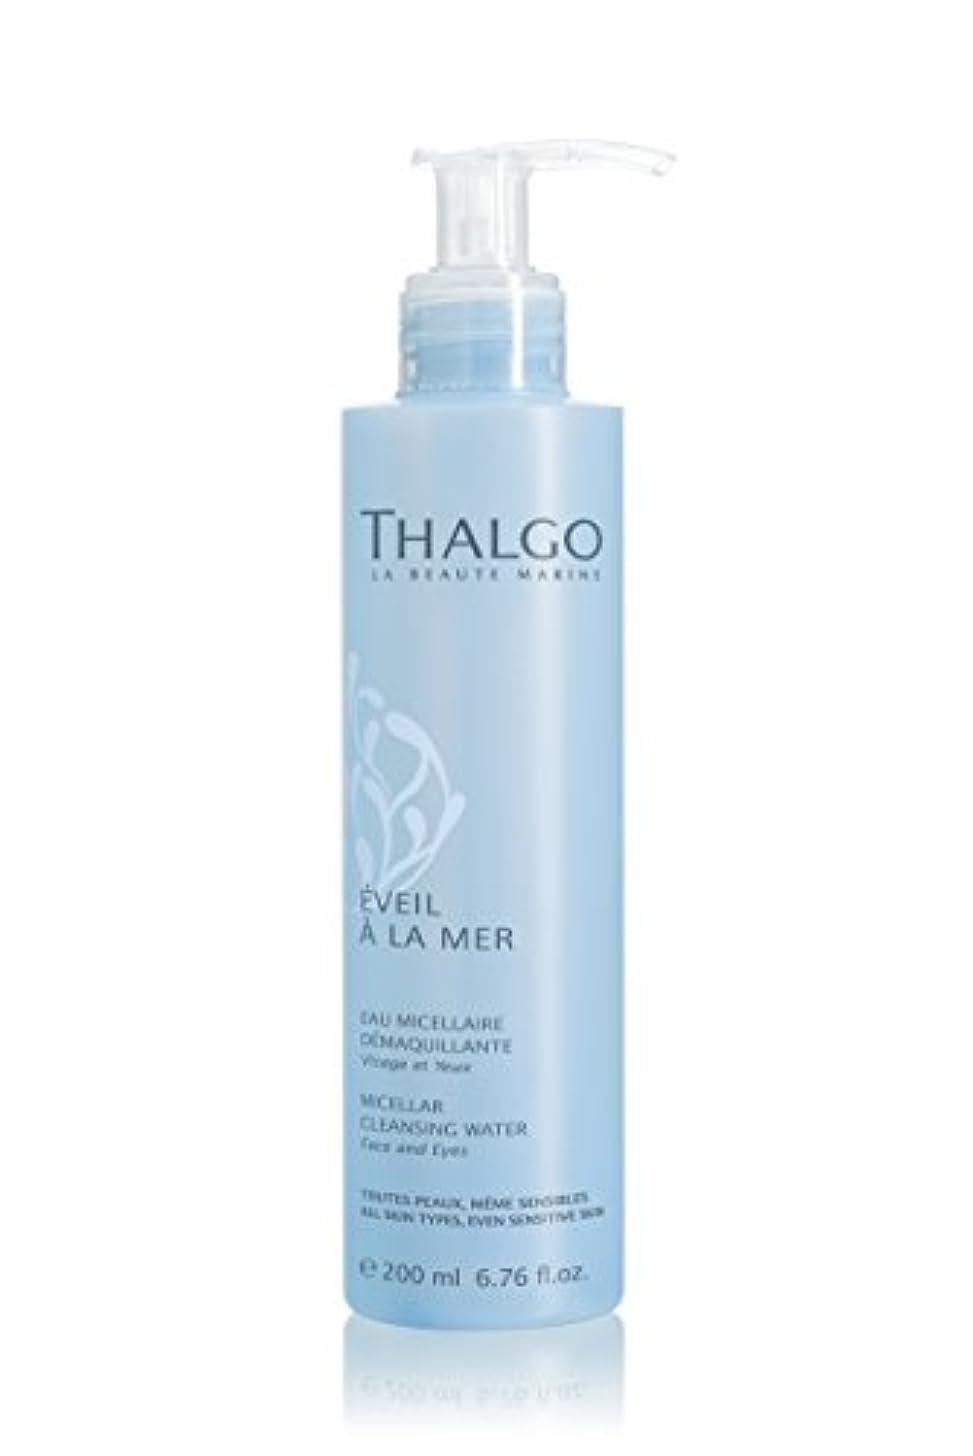 揃える類推ギャンブルタルゴ Eveil A La Mer Micellar Cleansing Water (Face & Eyes) - For All Skin Types, Even Sensitive Skin 200ml/6.76oz...